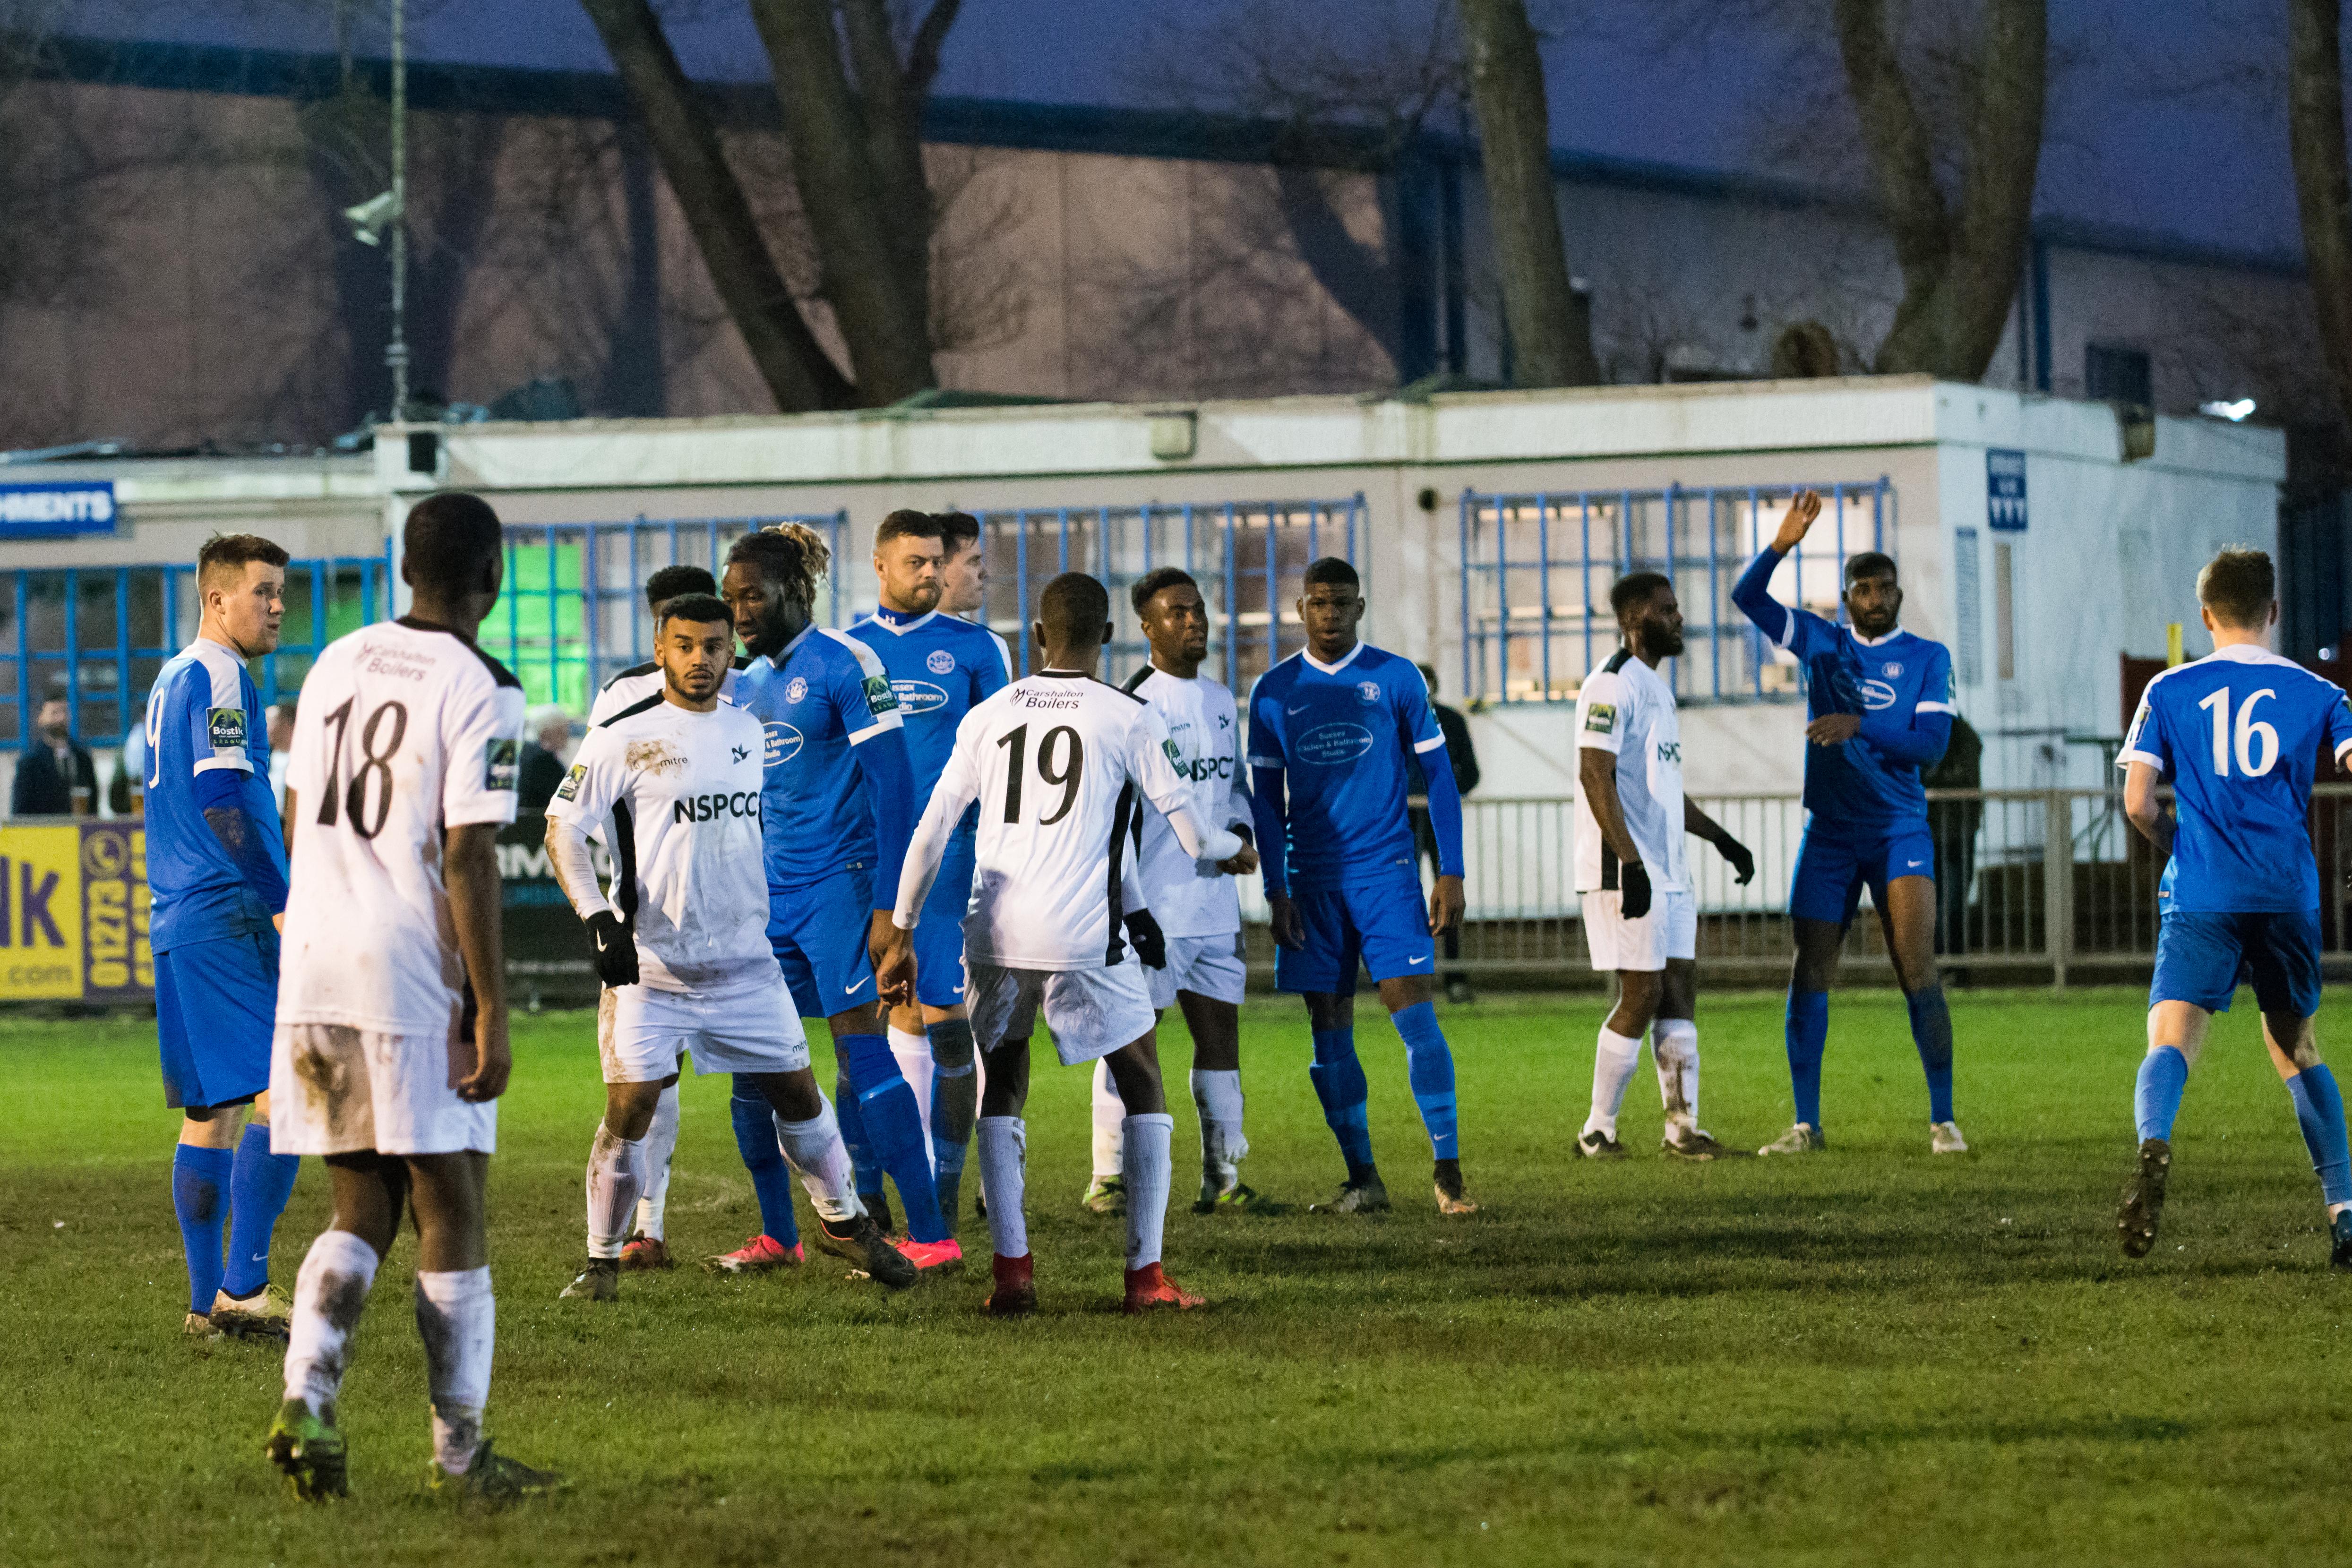 Shoreham FC vs Carshalton Ath 23.12.17 105